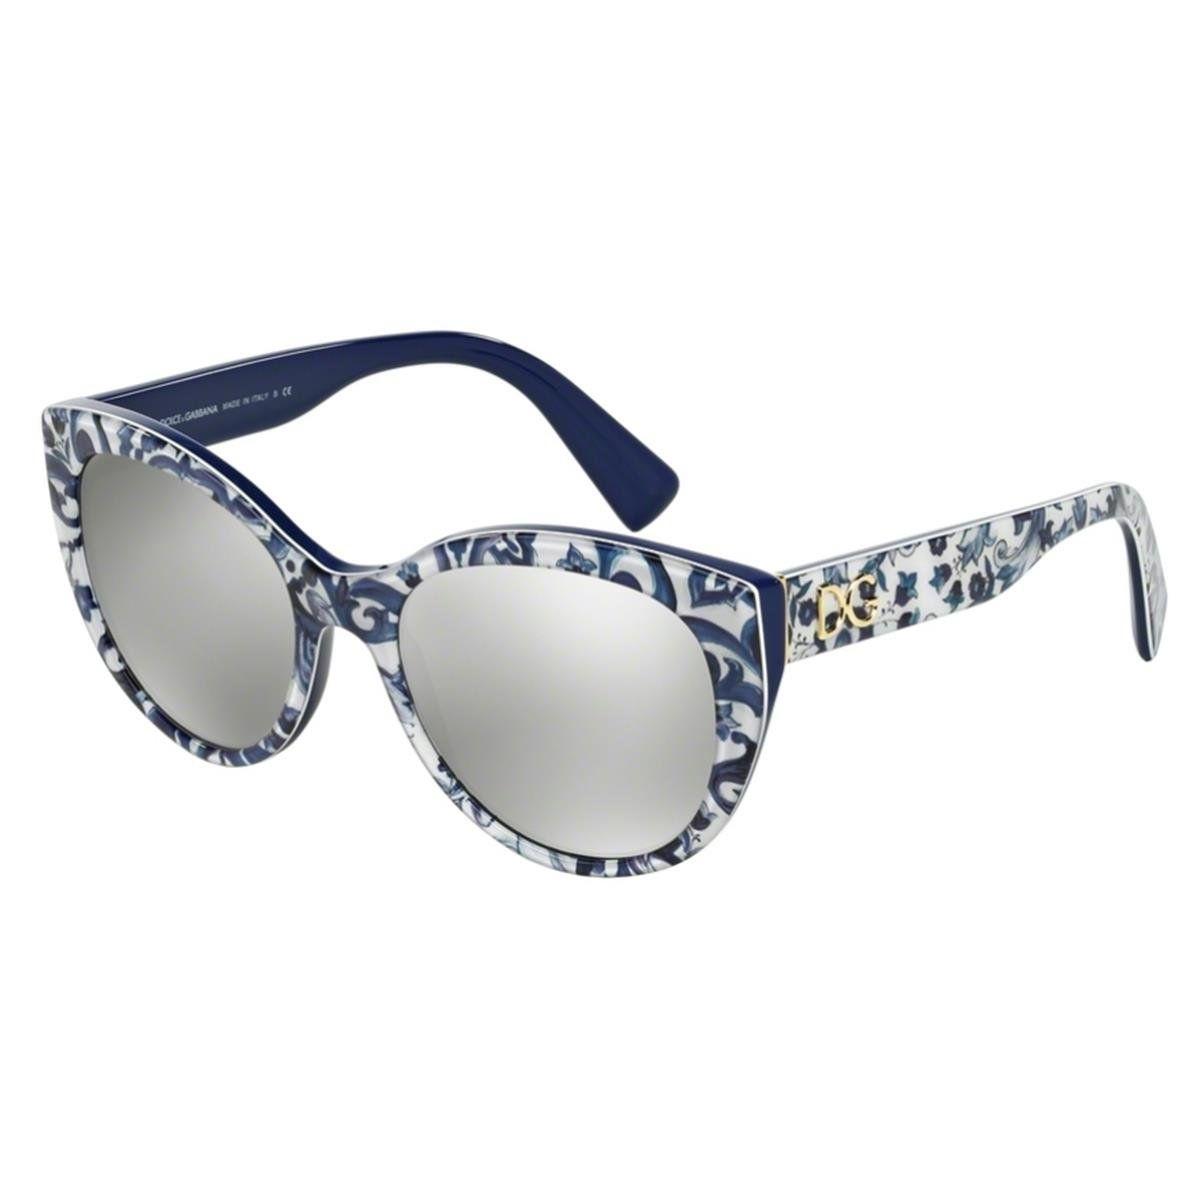 e719fd97da DOLCE   GABBANA Women 4217 Sunglasses